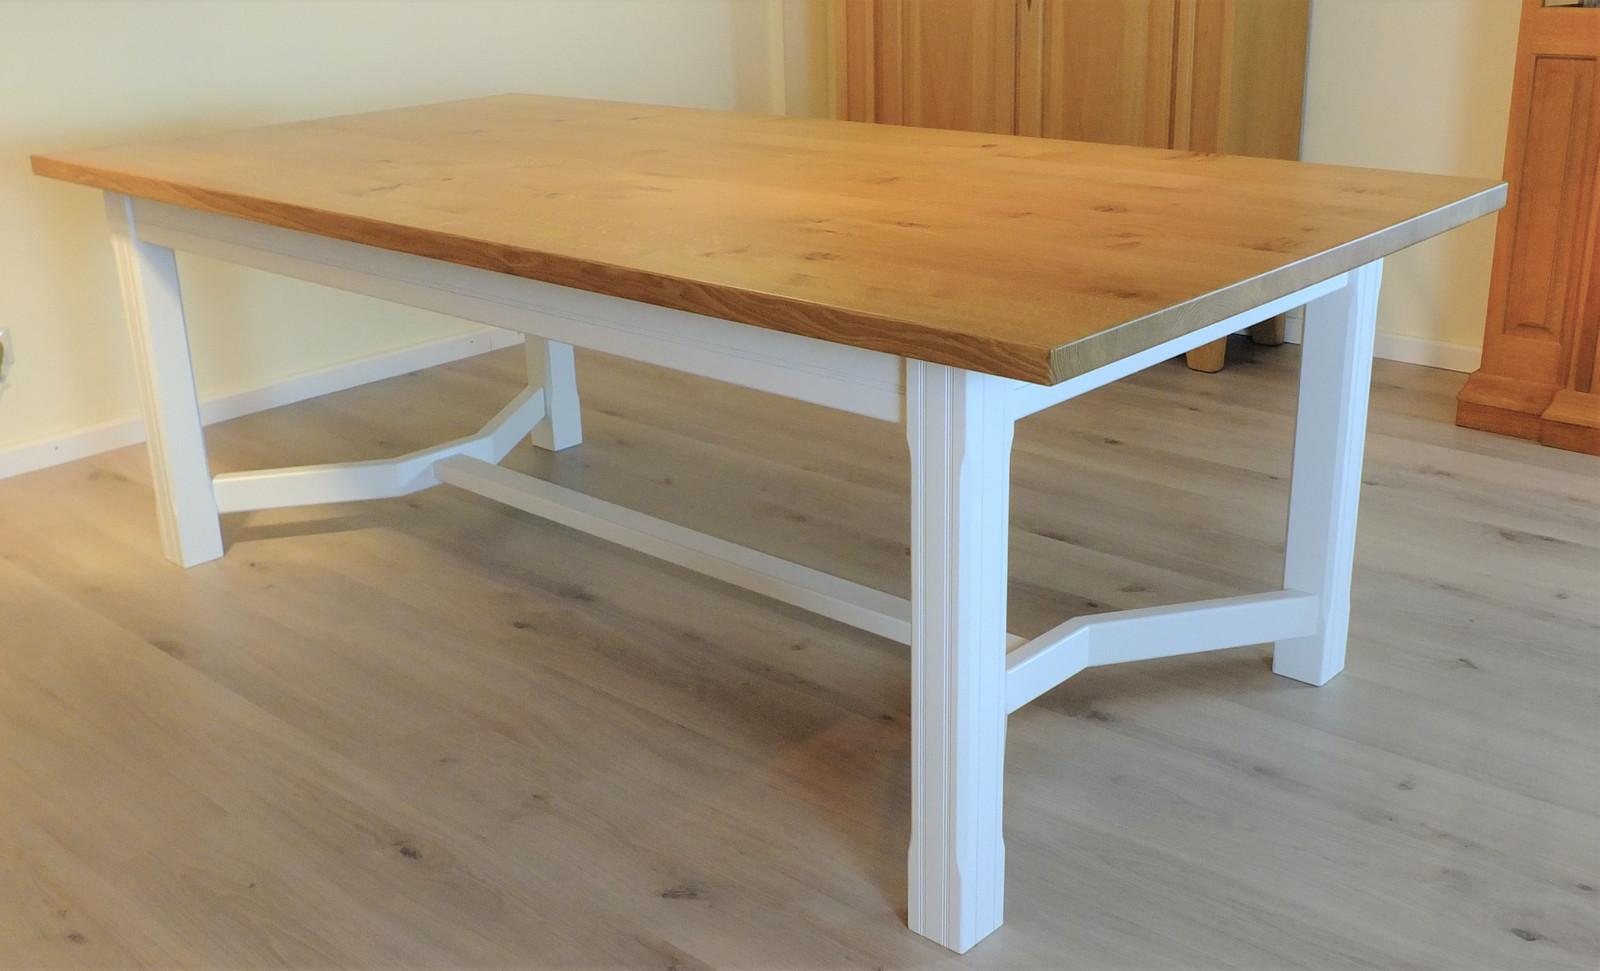 """Esstisch / Tisch """"Kurland"""" 220 x 110 cm Platte Asteiche Natur - Gestell Eiche weiß / Ausstellungsstück zum Sonderpreis 1.890,00 €"""